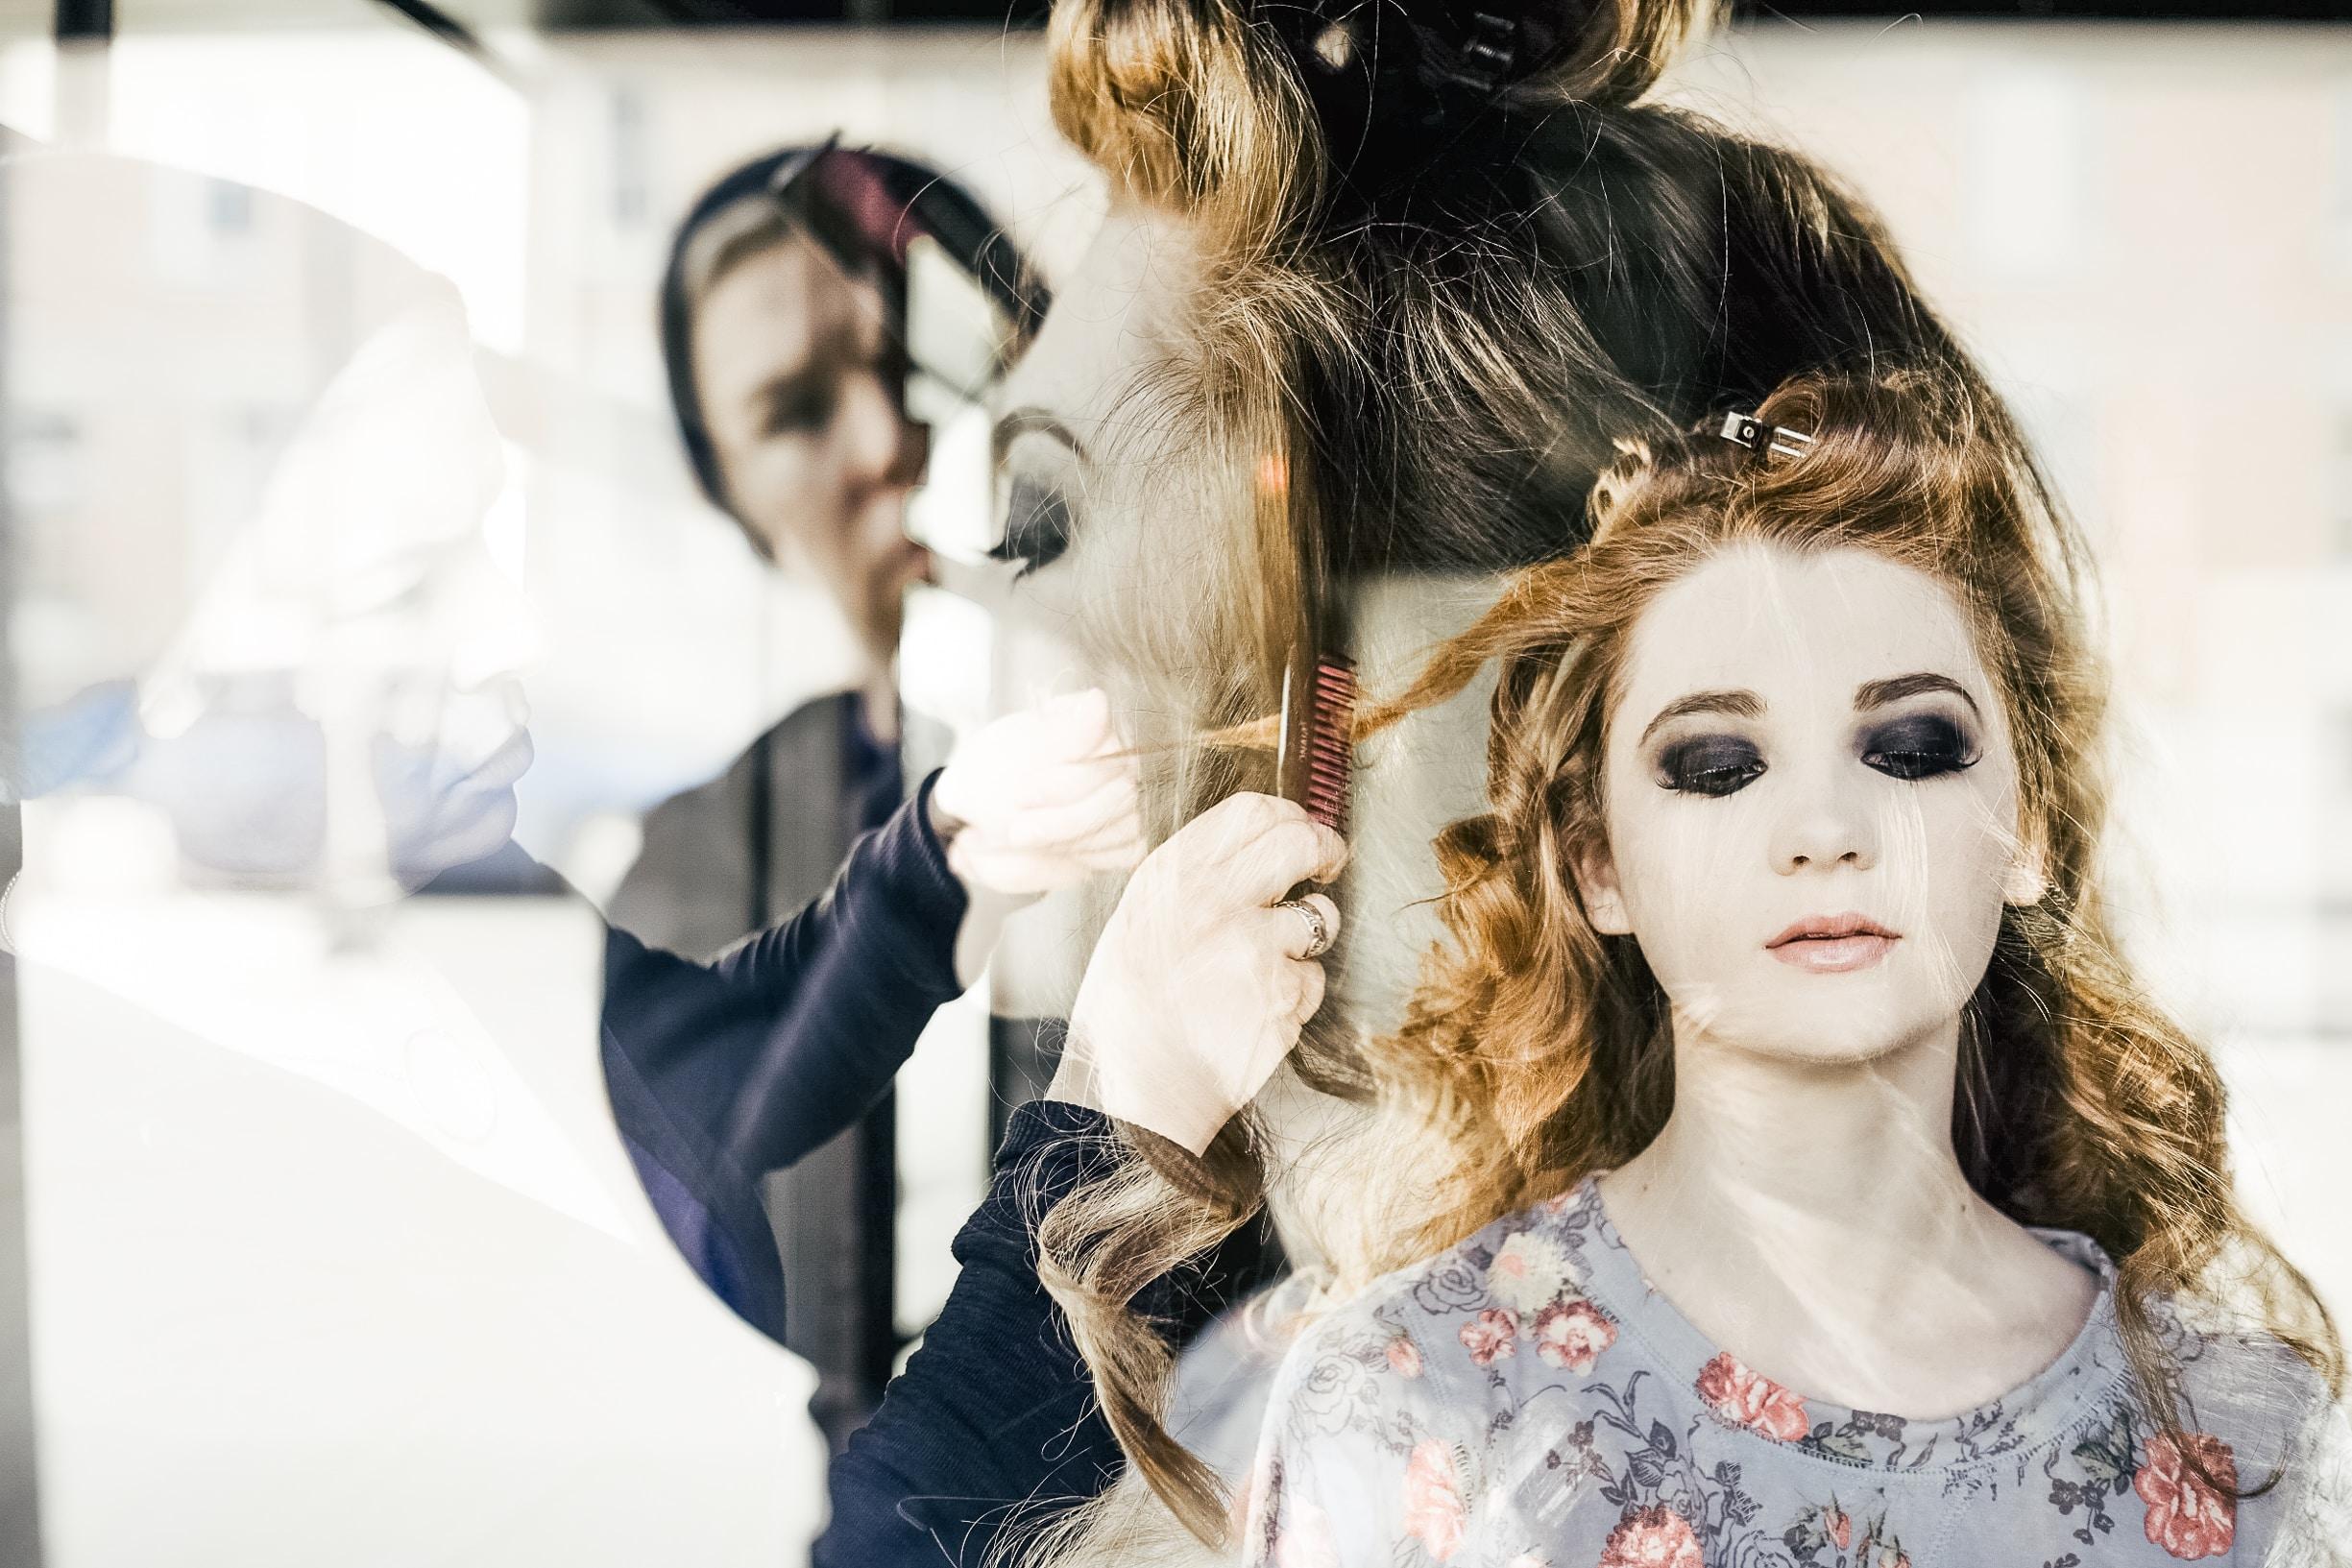 A hairdresser styling a woman's hair seen through a window